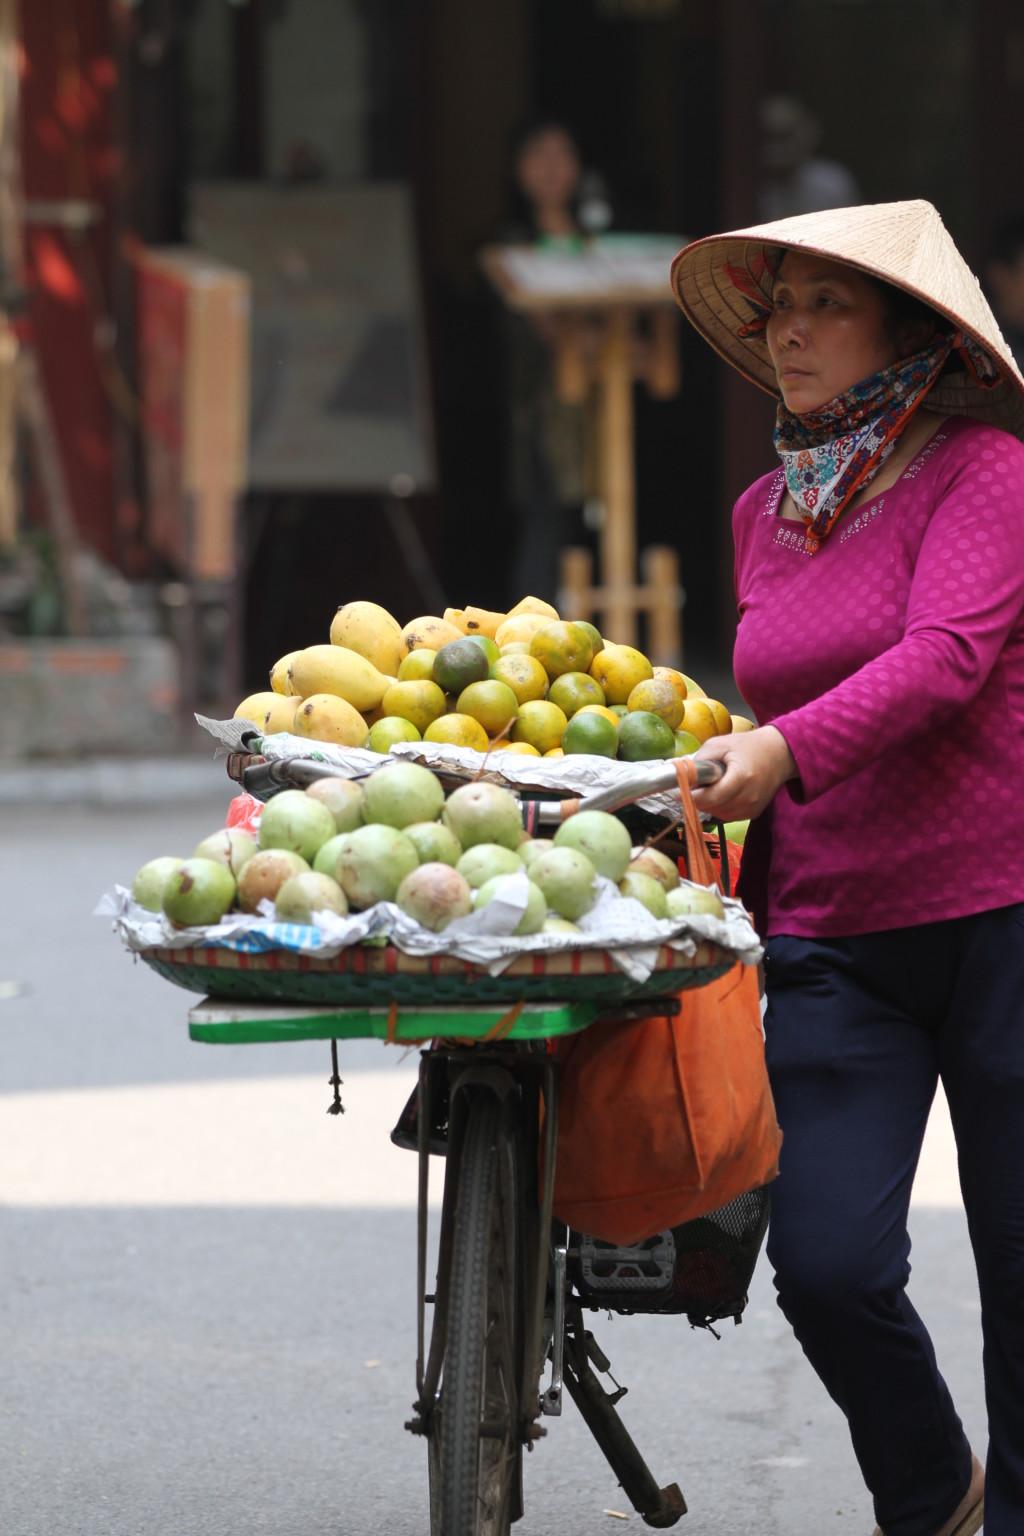 果物売り。ベトナム女性は働き者